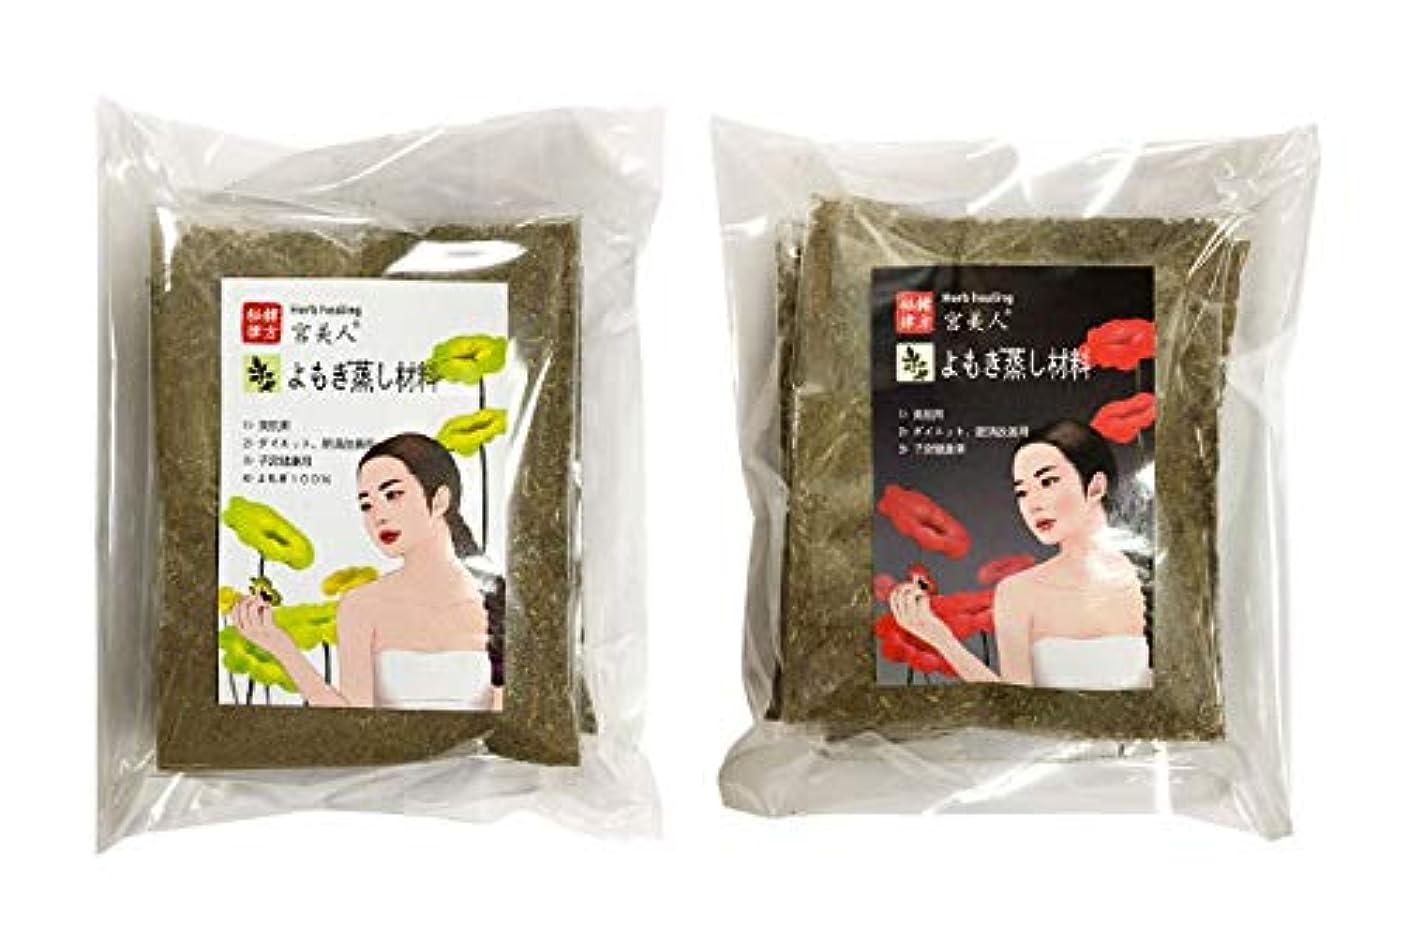 リアル祭りうそつきヨモギ蒸しの座浴材、子宮健康用30グラム10個,300g 10回分